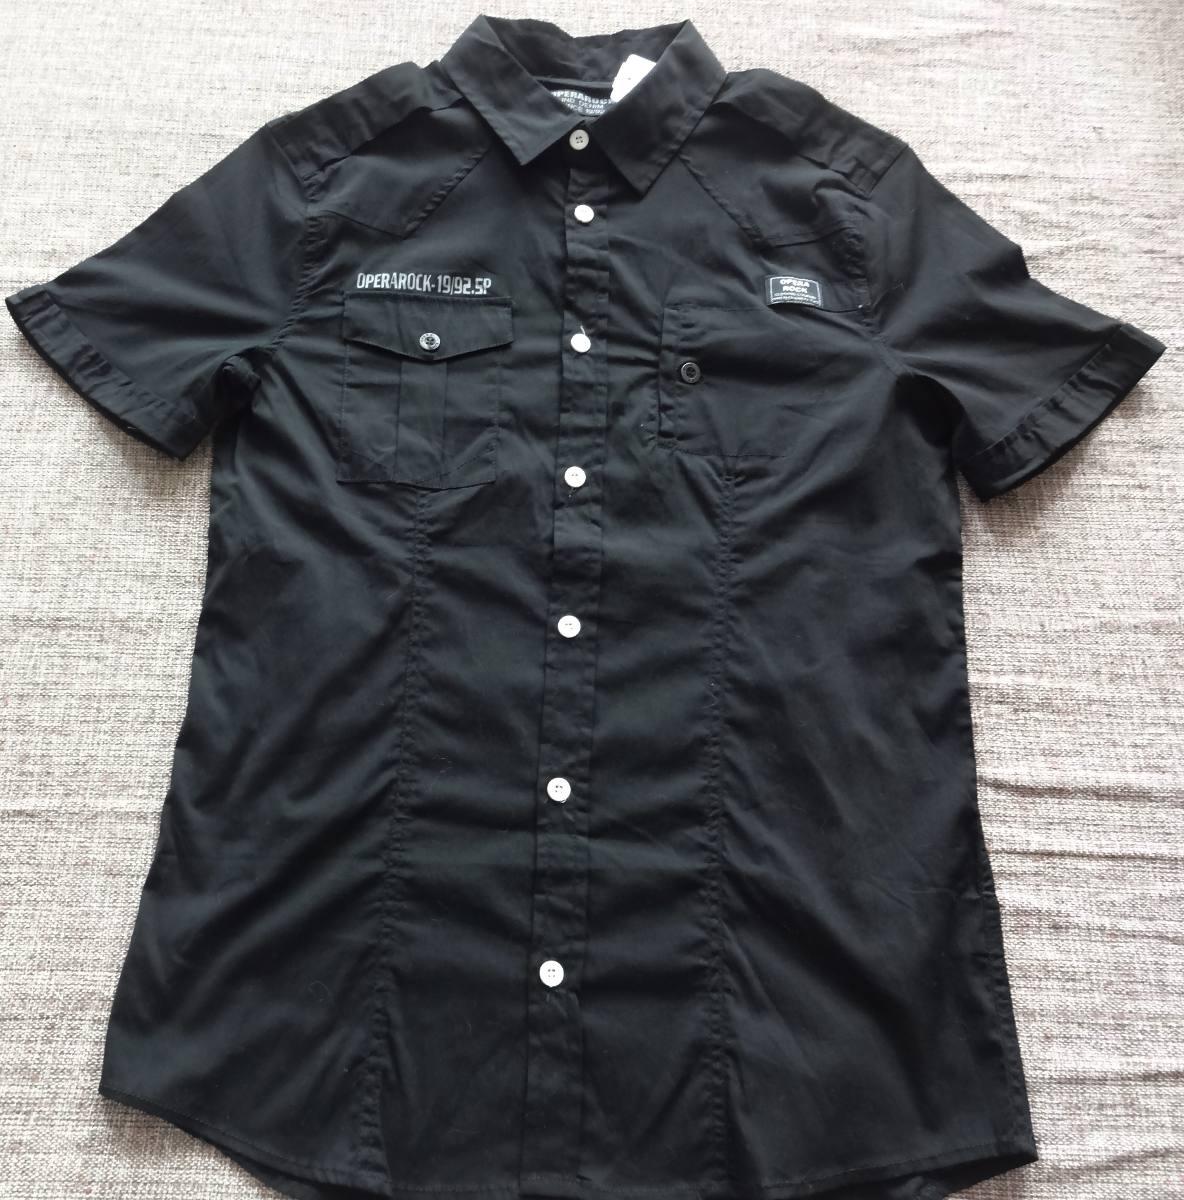 f4a3e82665 475 - Camisa Opera Rock Manga Curta Tamanho G - R$ 129,00 em Mercado ...